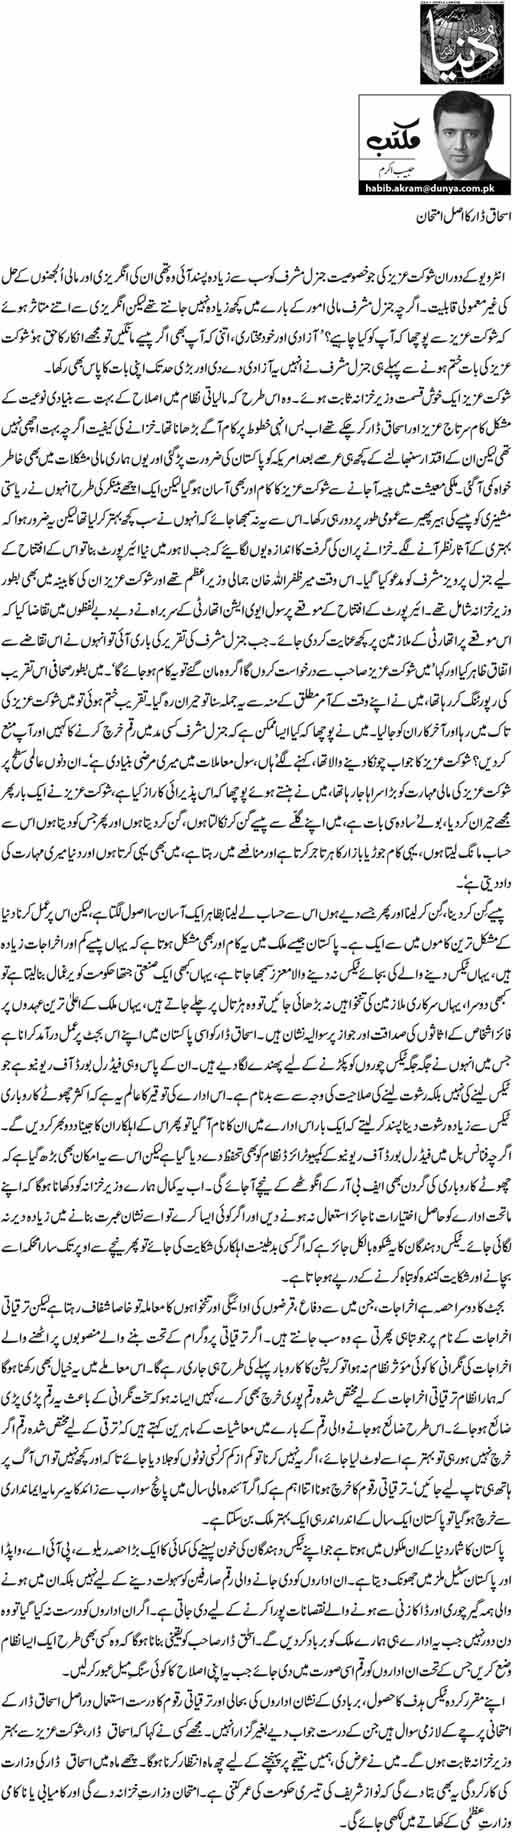 Ishaq Dar Ka Asal Imtihaan - Habib Akram